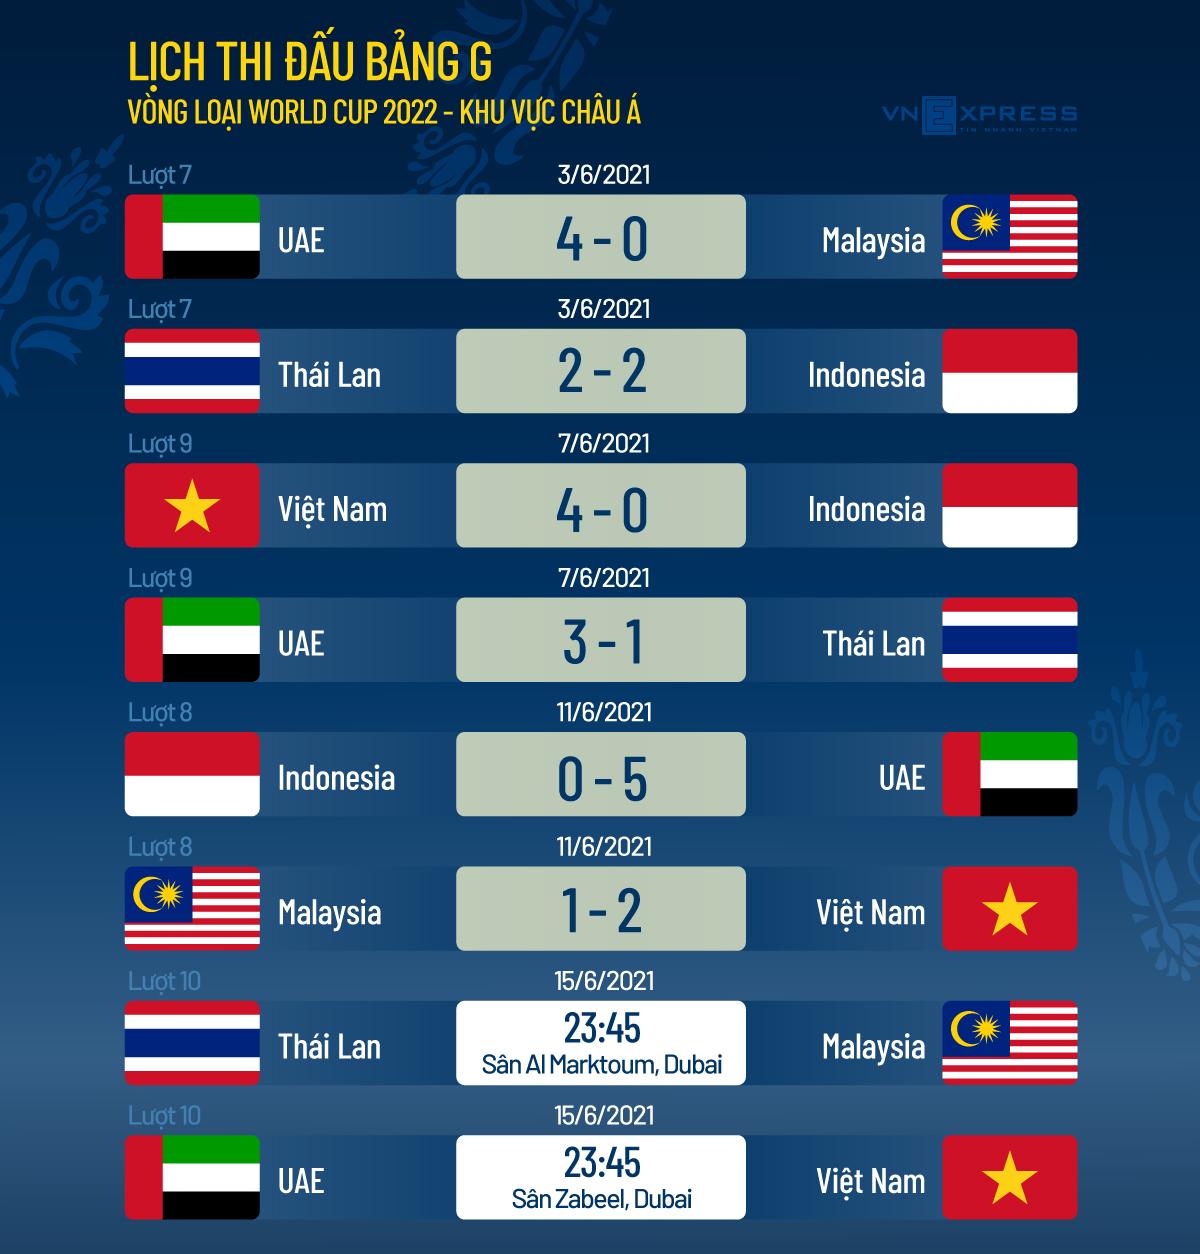 Nếu thua UAE, Việt Nam có thể vẫn vào vòng loại cuối World Cup - 2